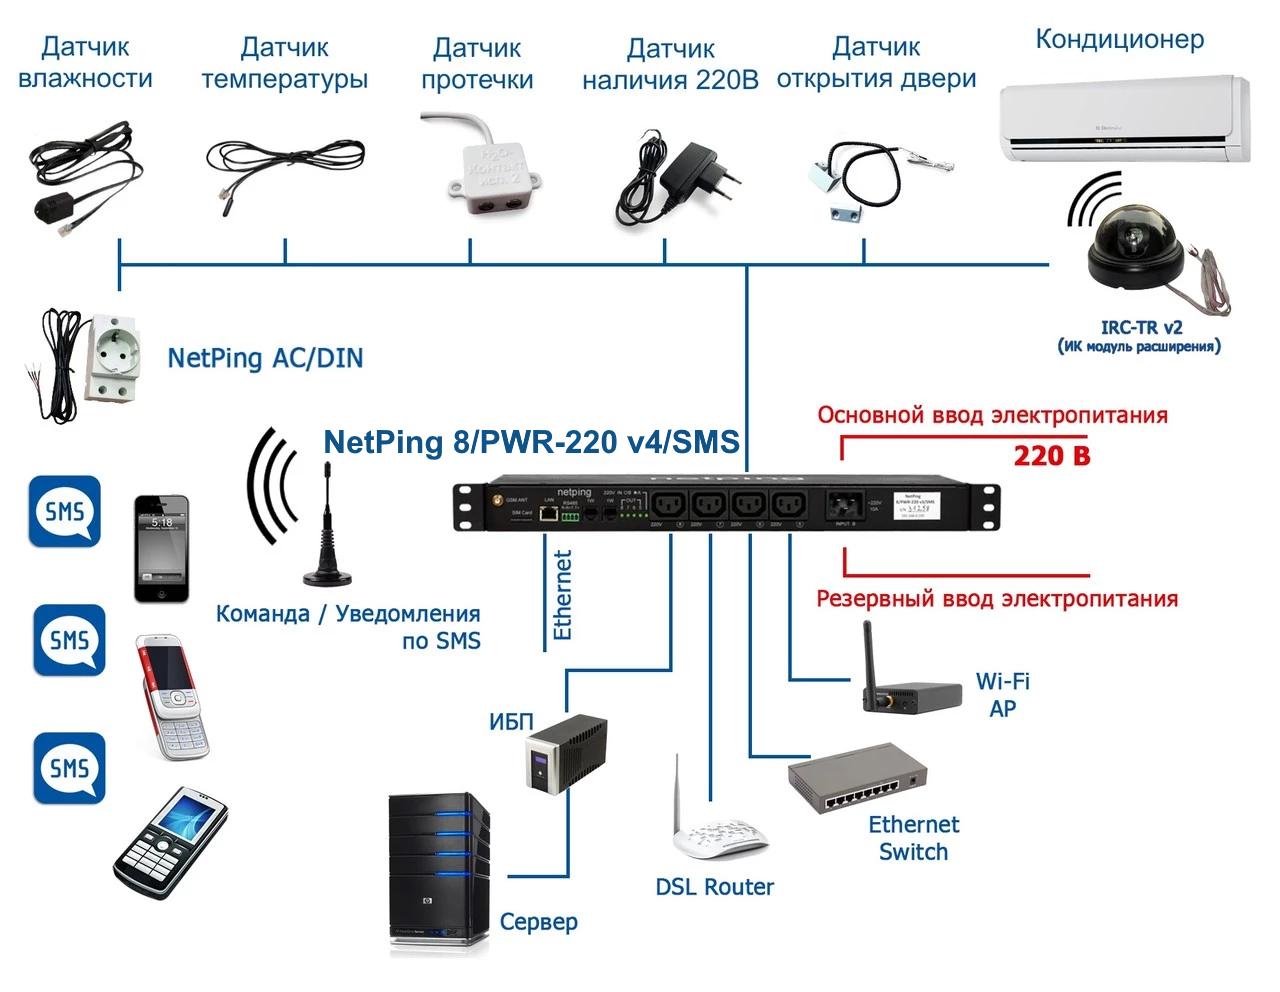 Подключение датчиков и внешних устройств к IP PDU NetPing 8PWR-220 v4SMS